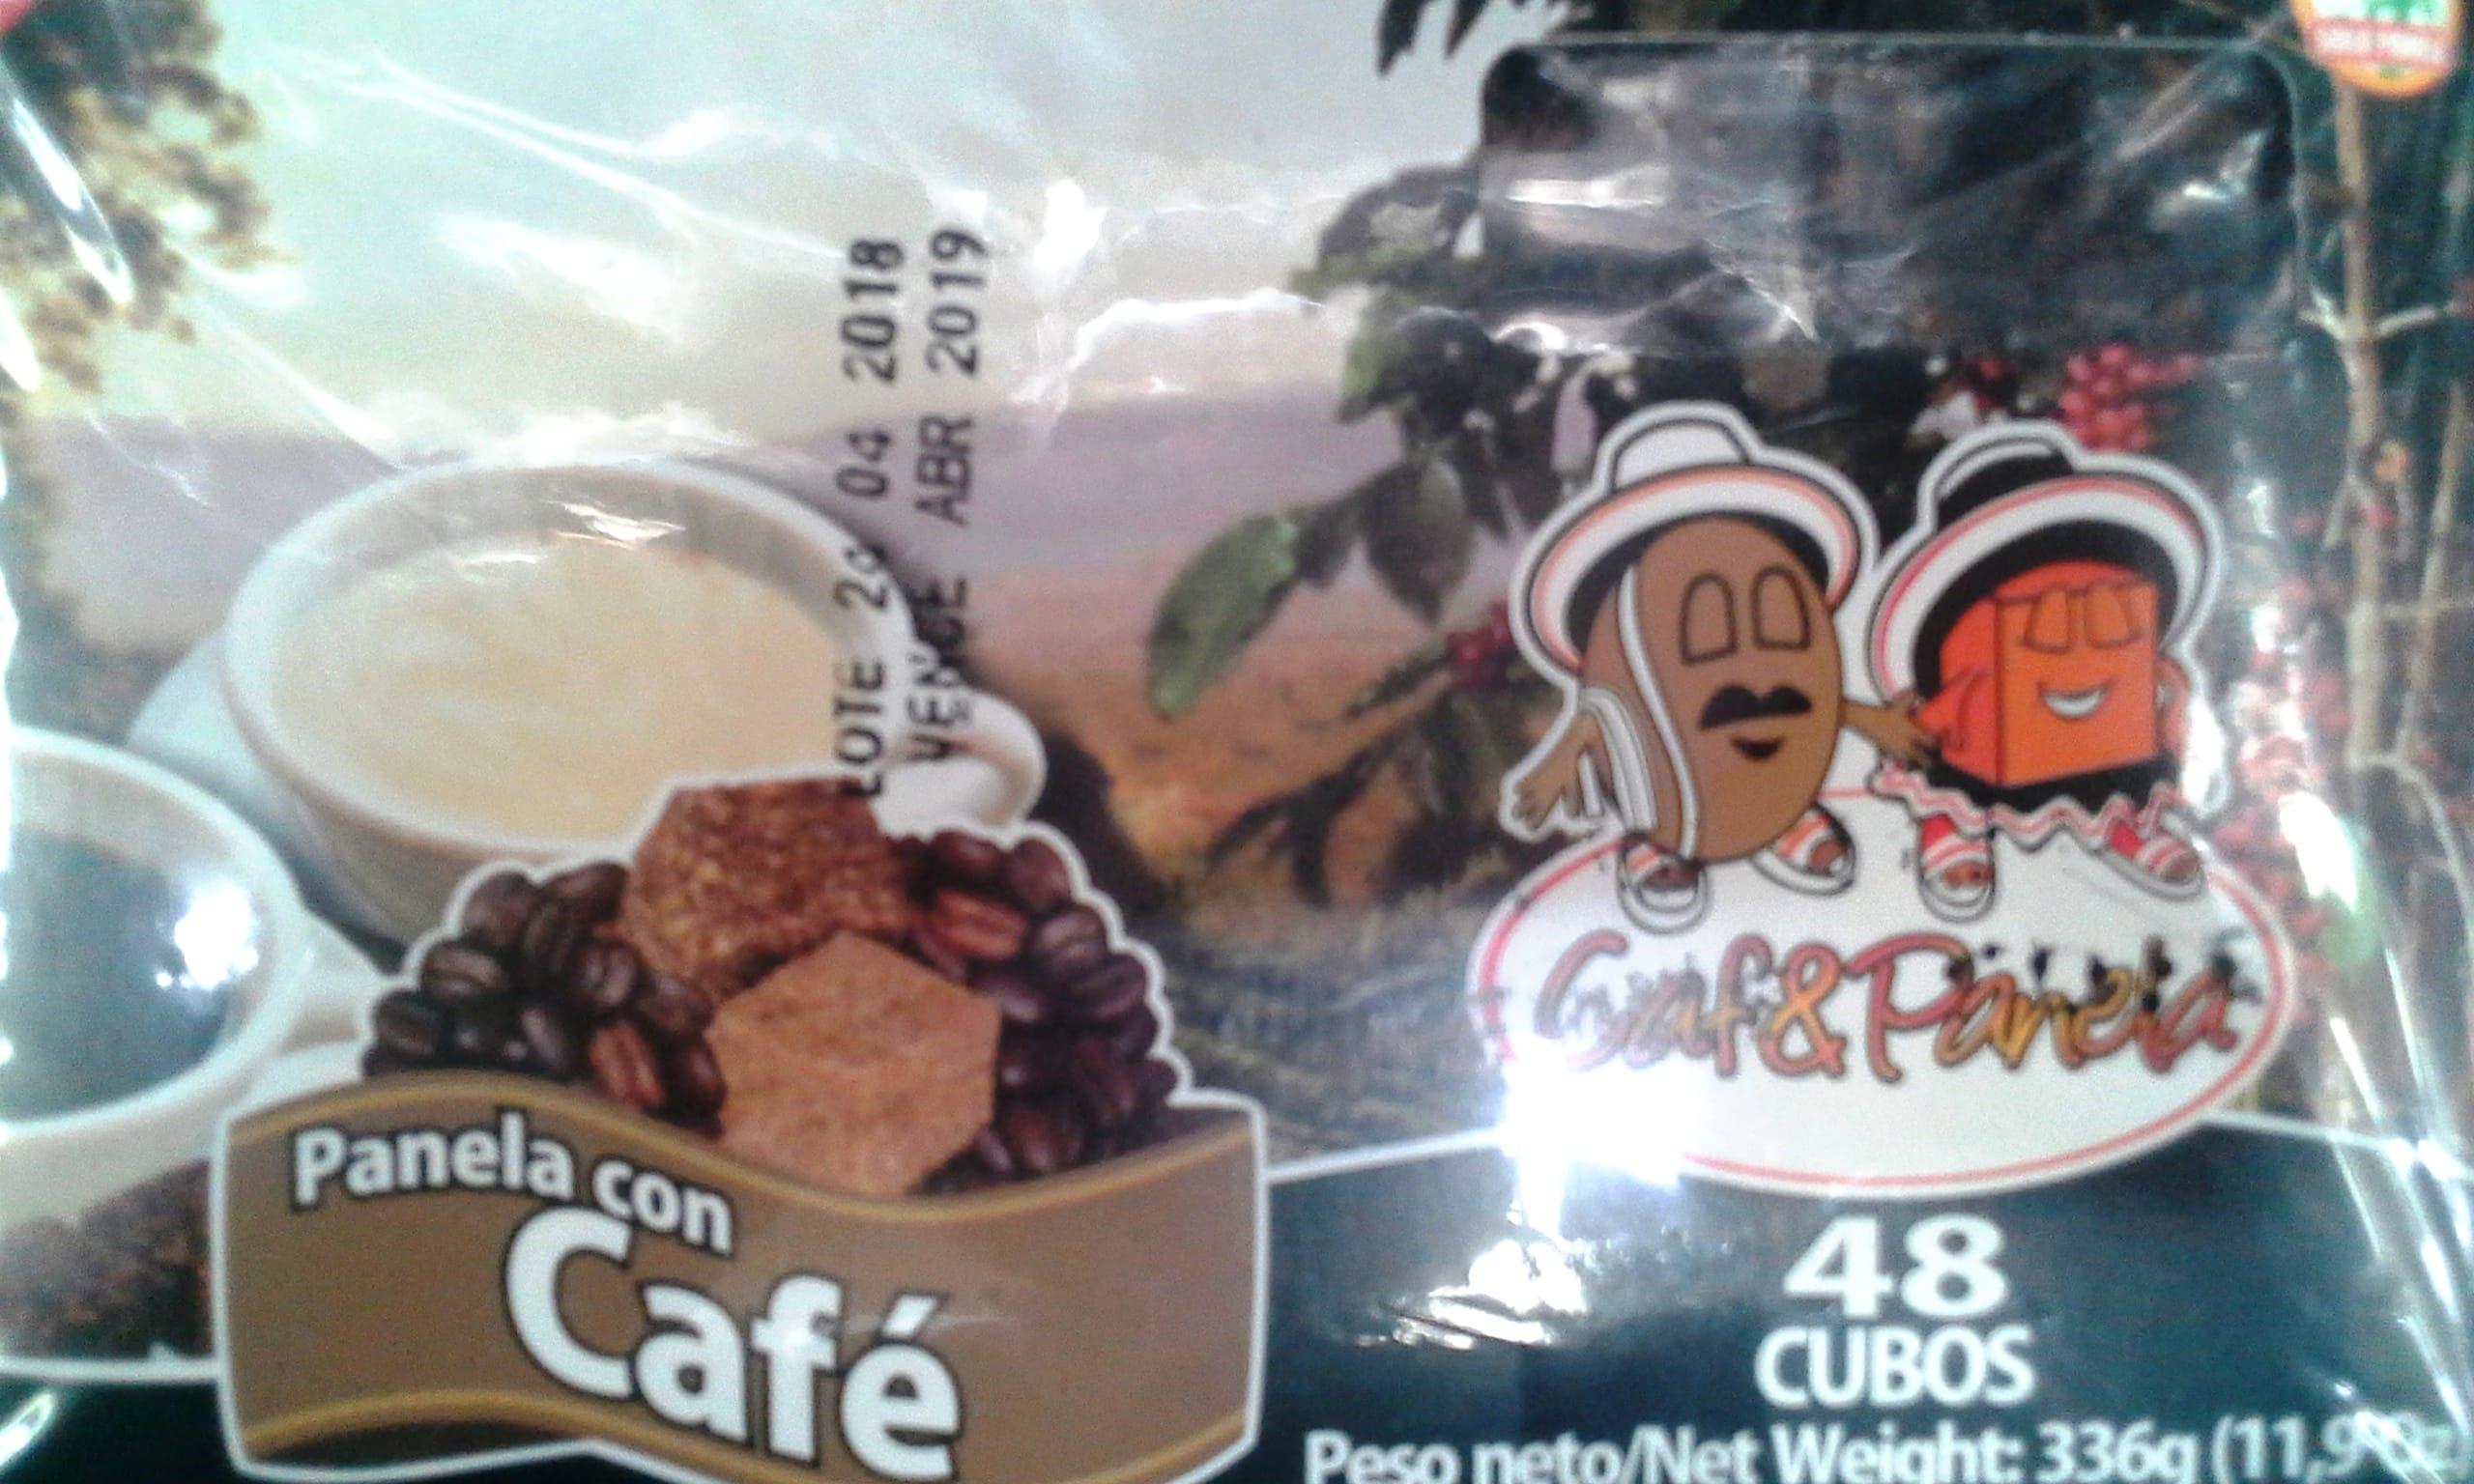 Panela con Café & Panela x48 336g